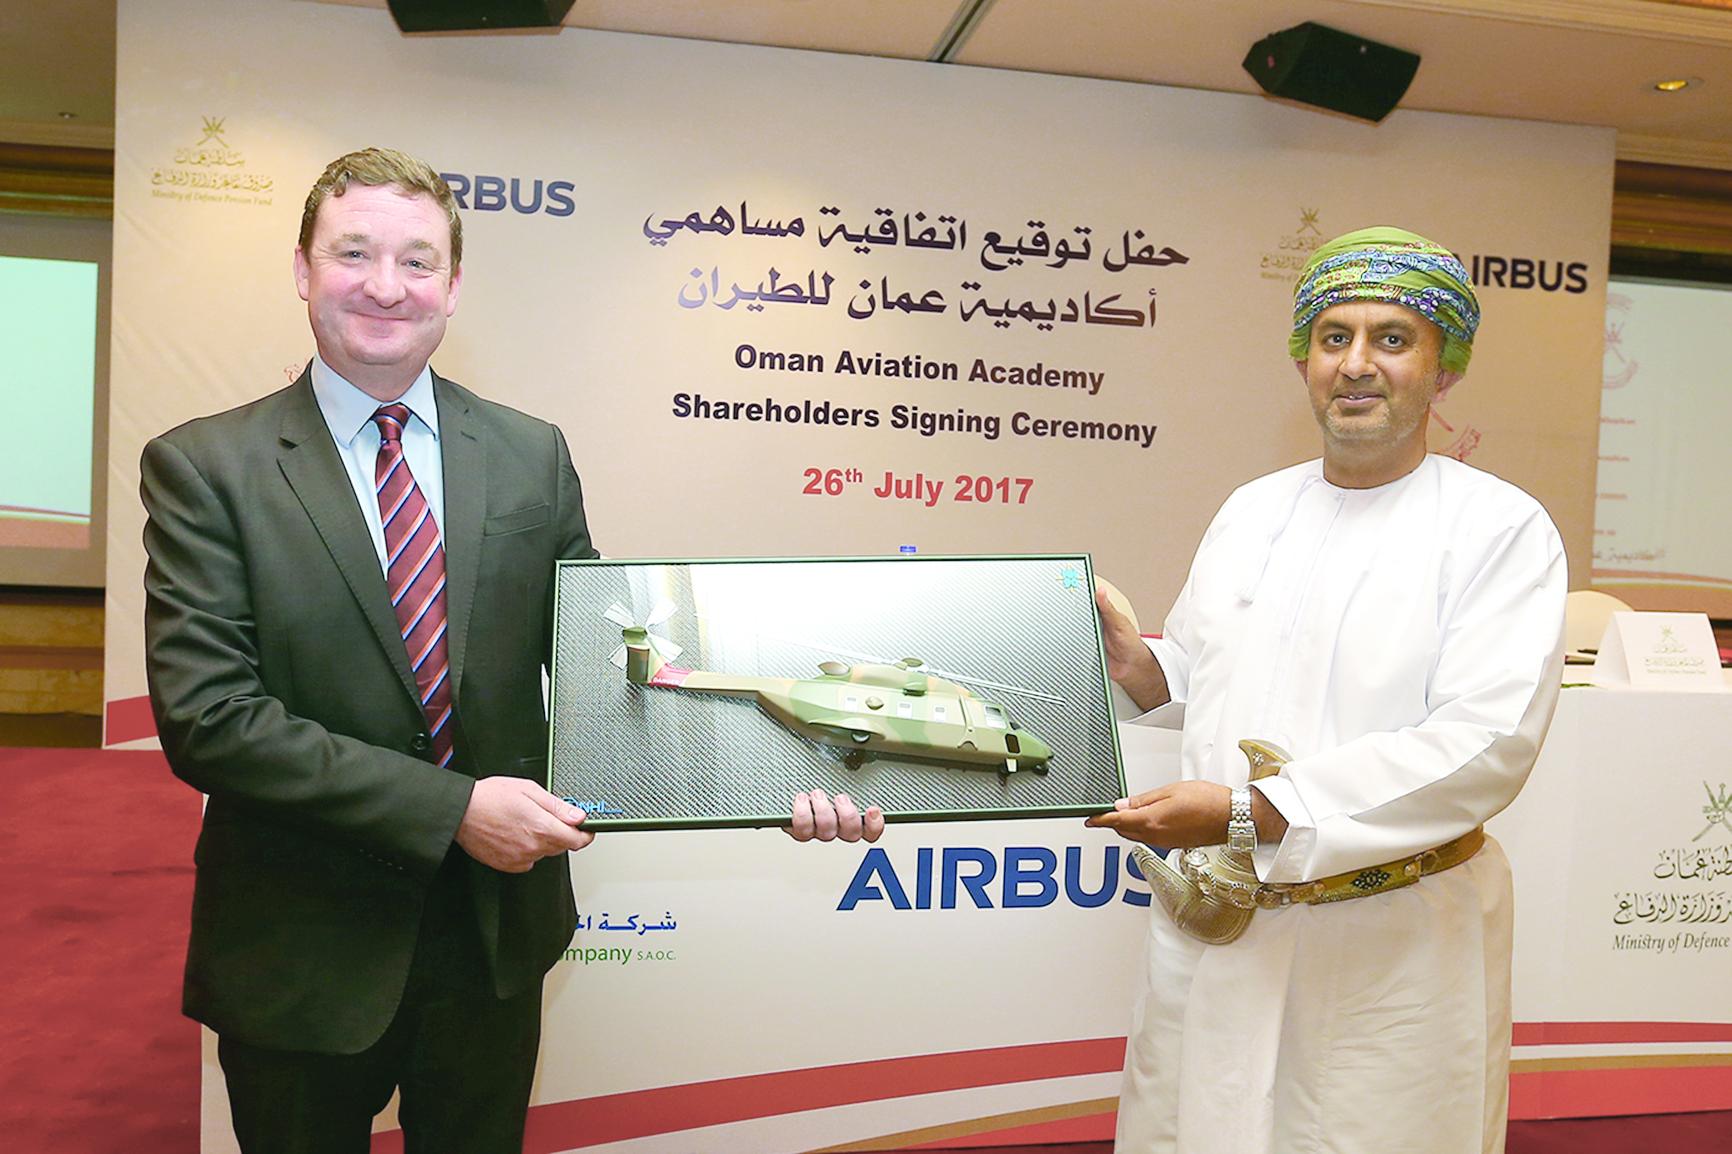 إيرباص لـ«الشبيبة»: «أكاديمية الطيران» تفتح الأجواء العالمية للشباب العماني